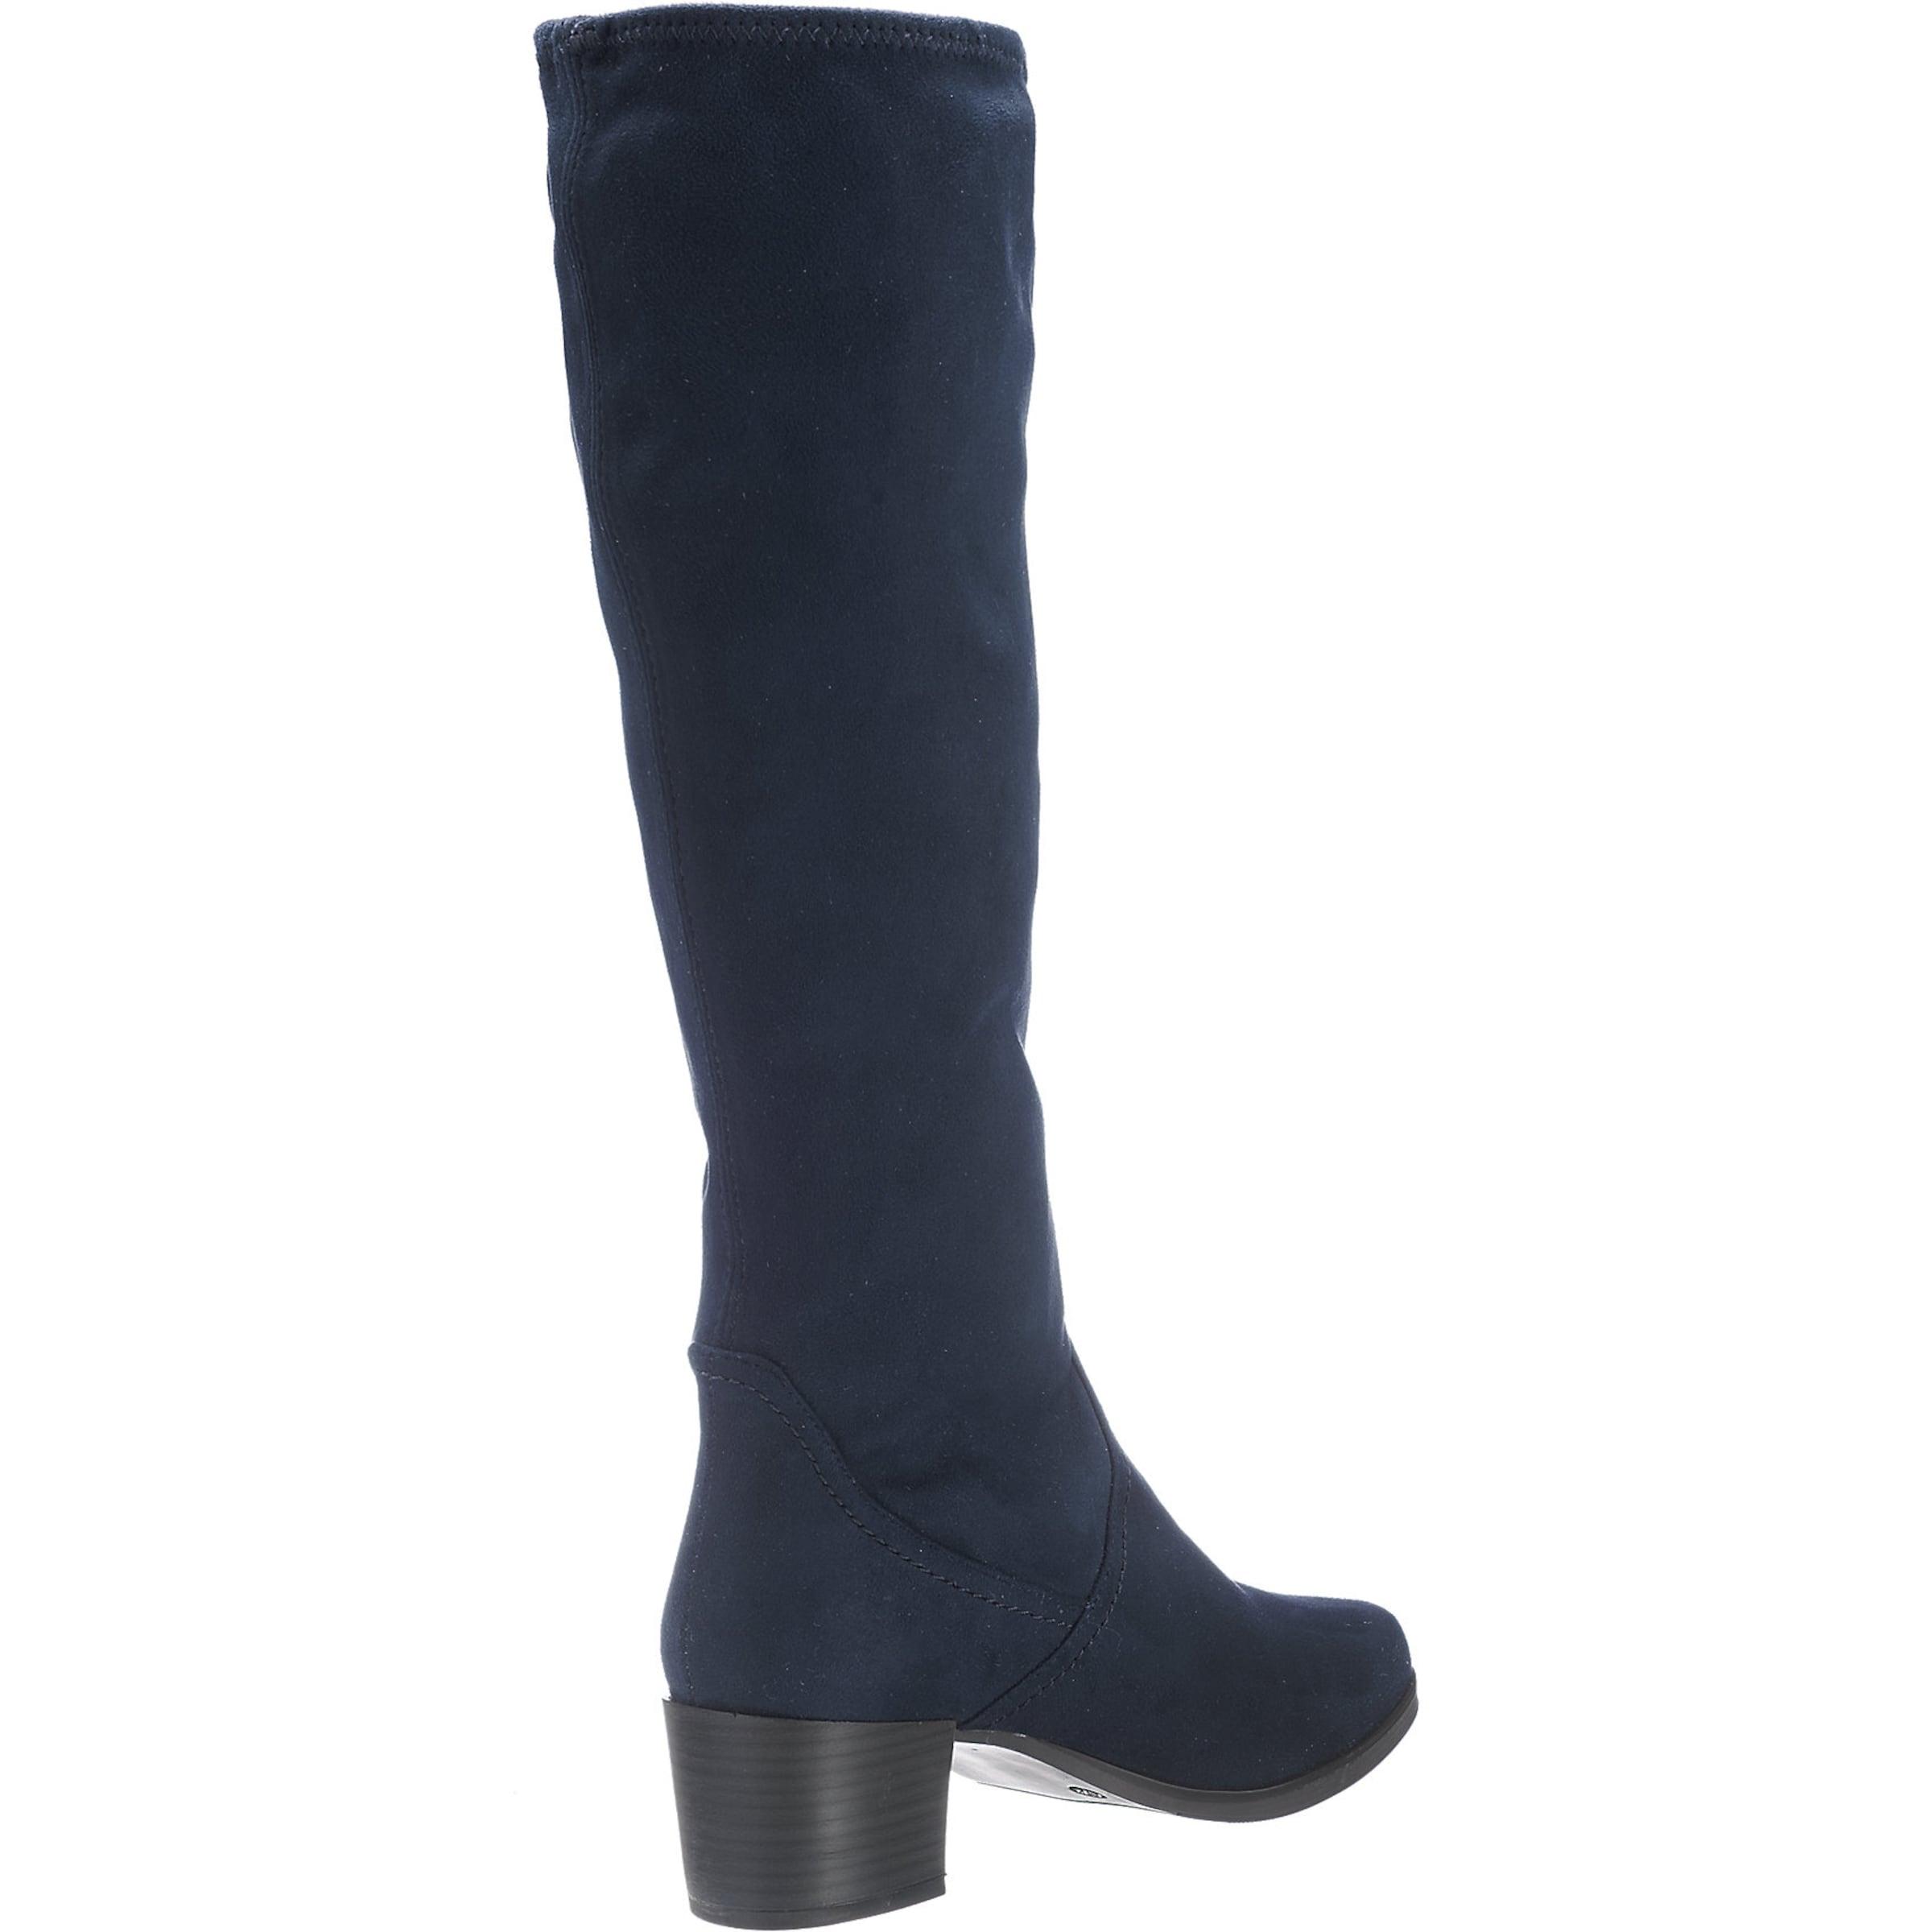 CAPRICE Stiefel Stiefel Stiefel 'Bella Textil Bequem, gut aussehend ebdb10